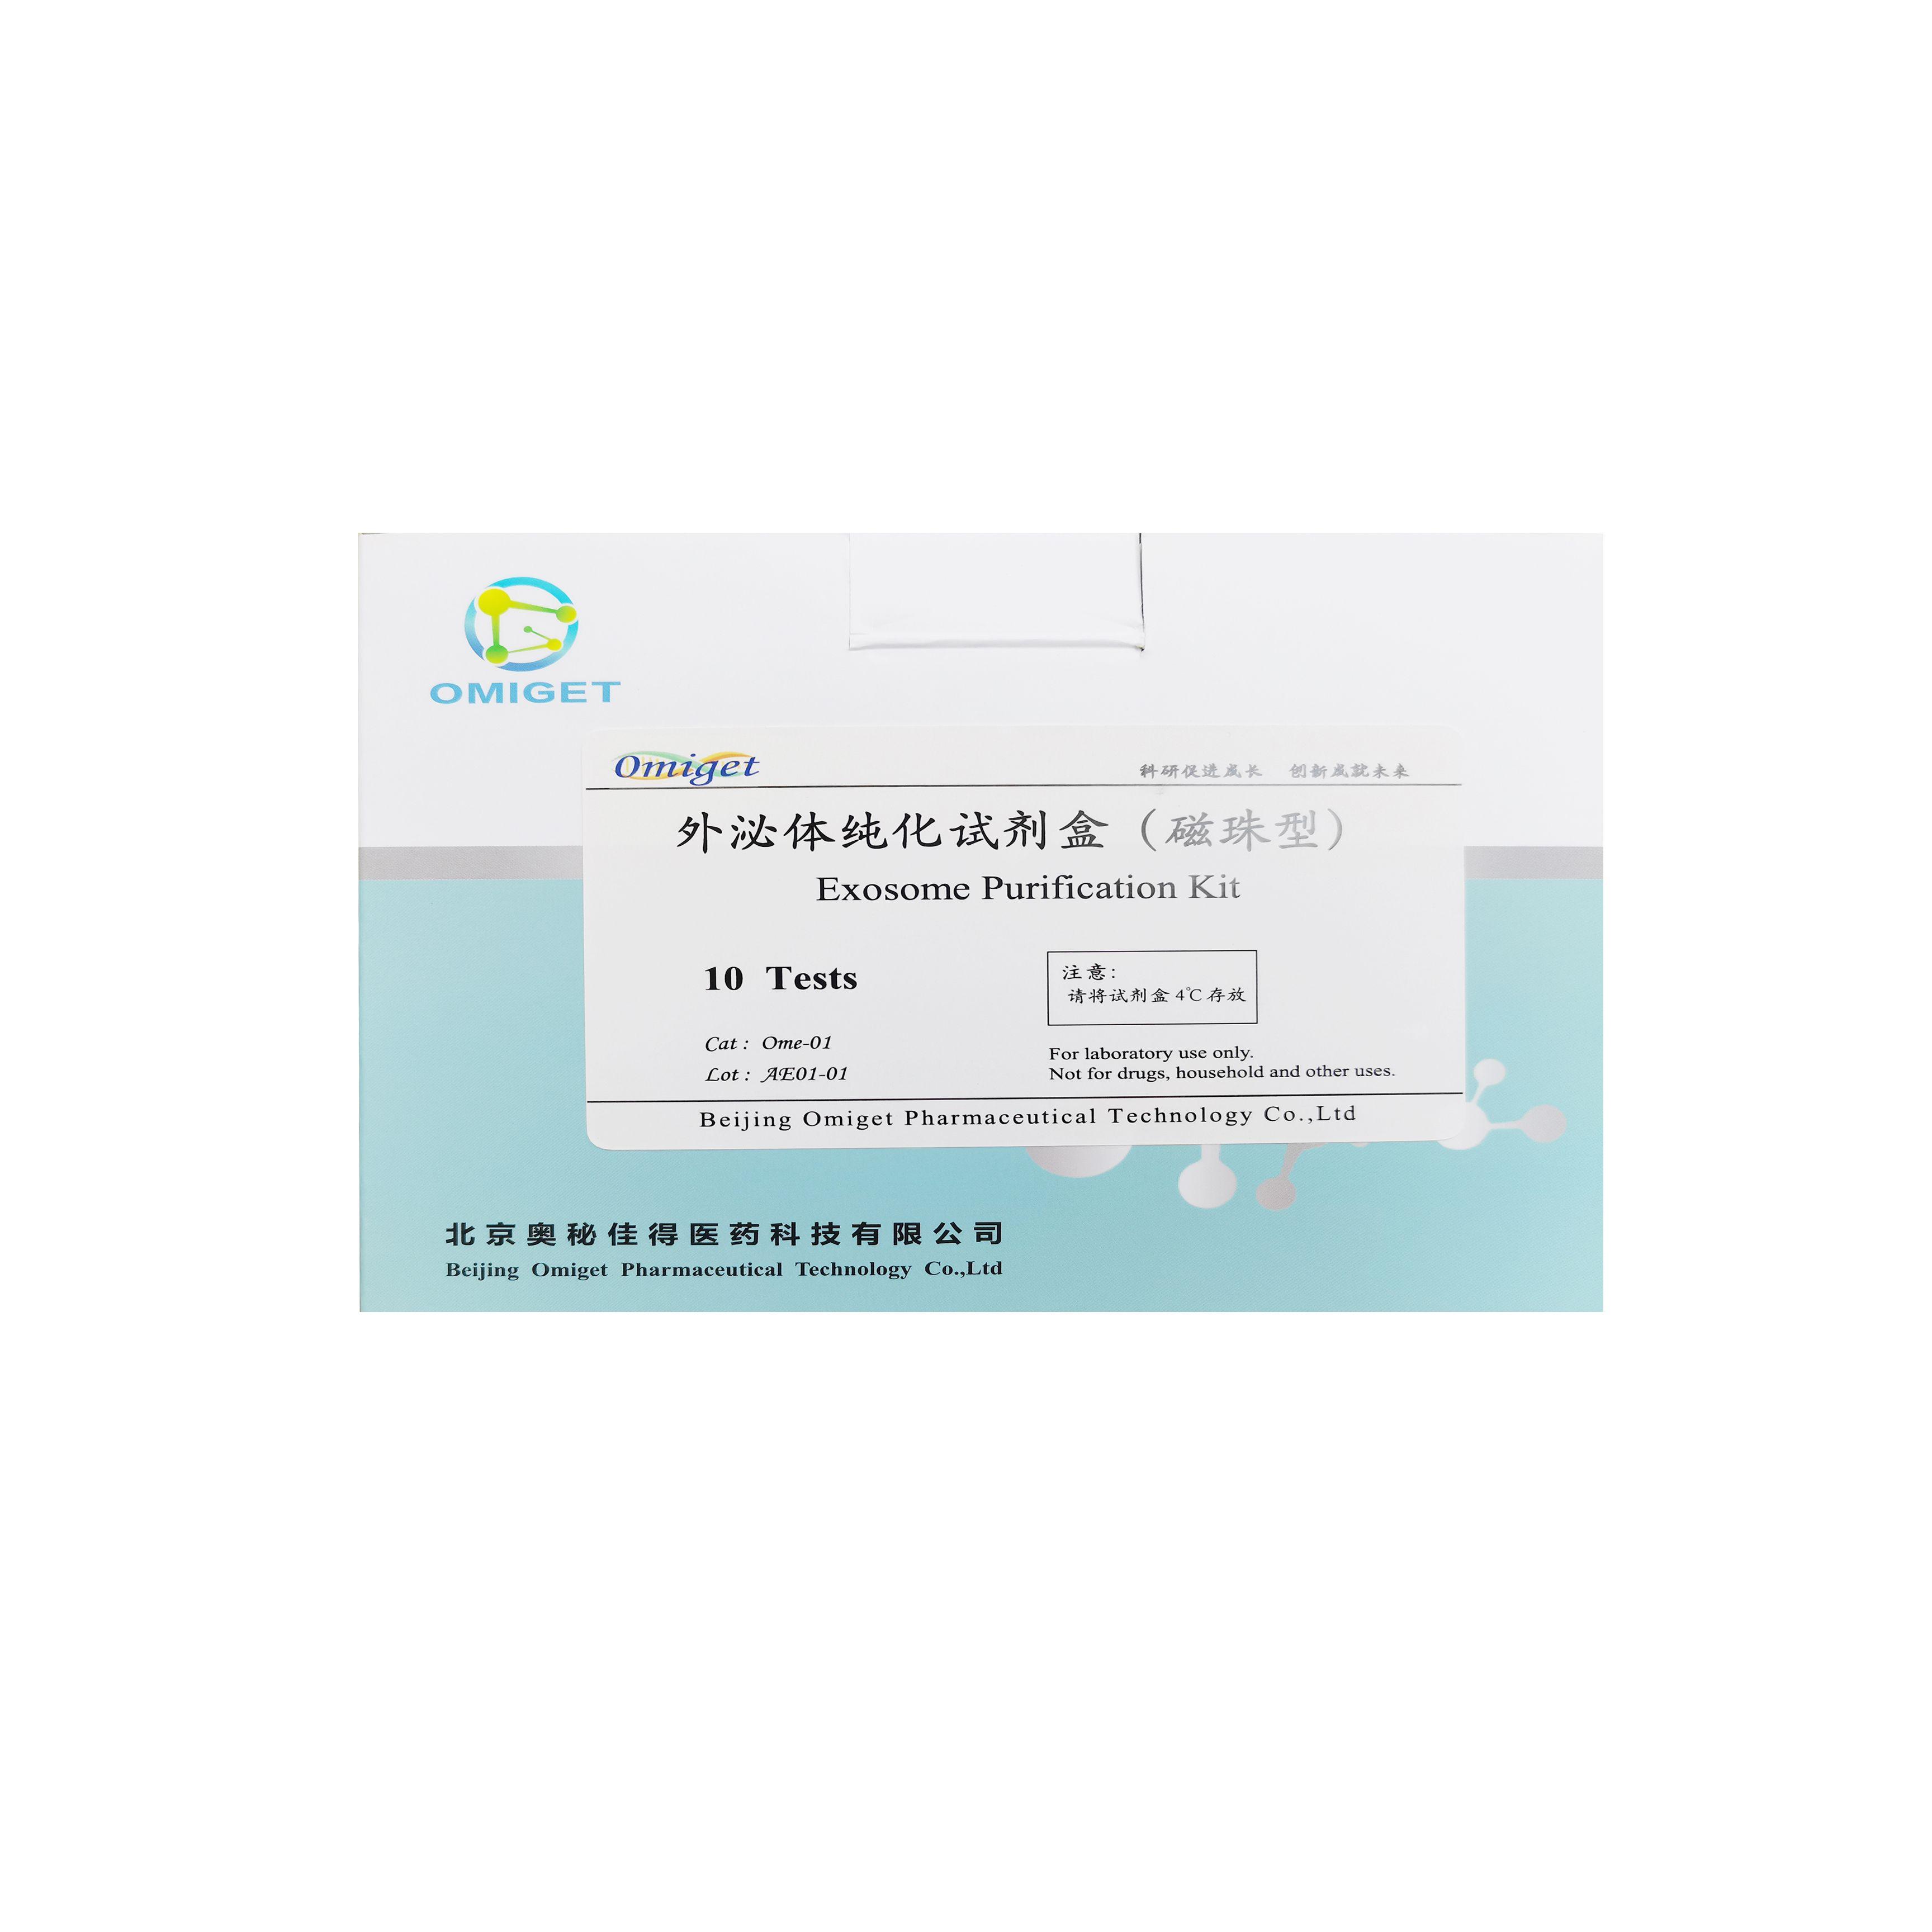 外泌体纯化试剂盒(磁珠型)